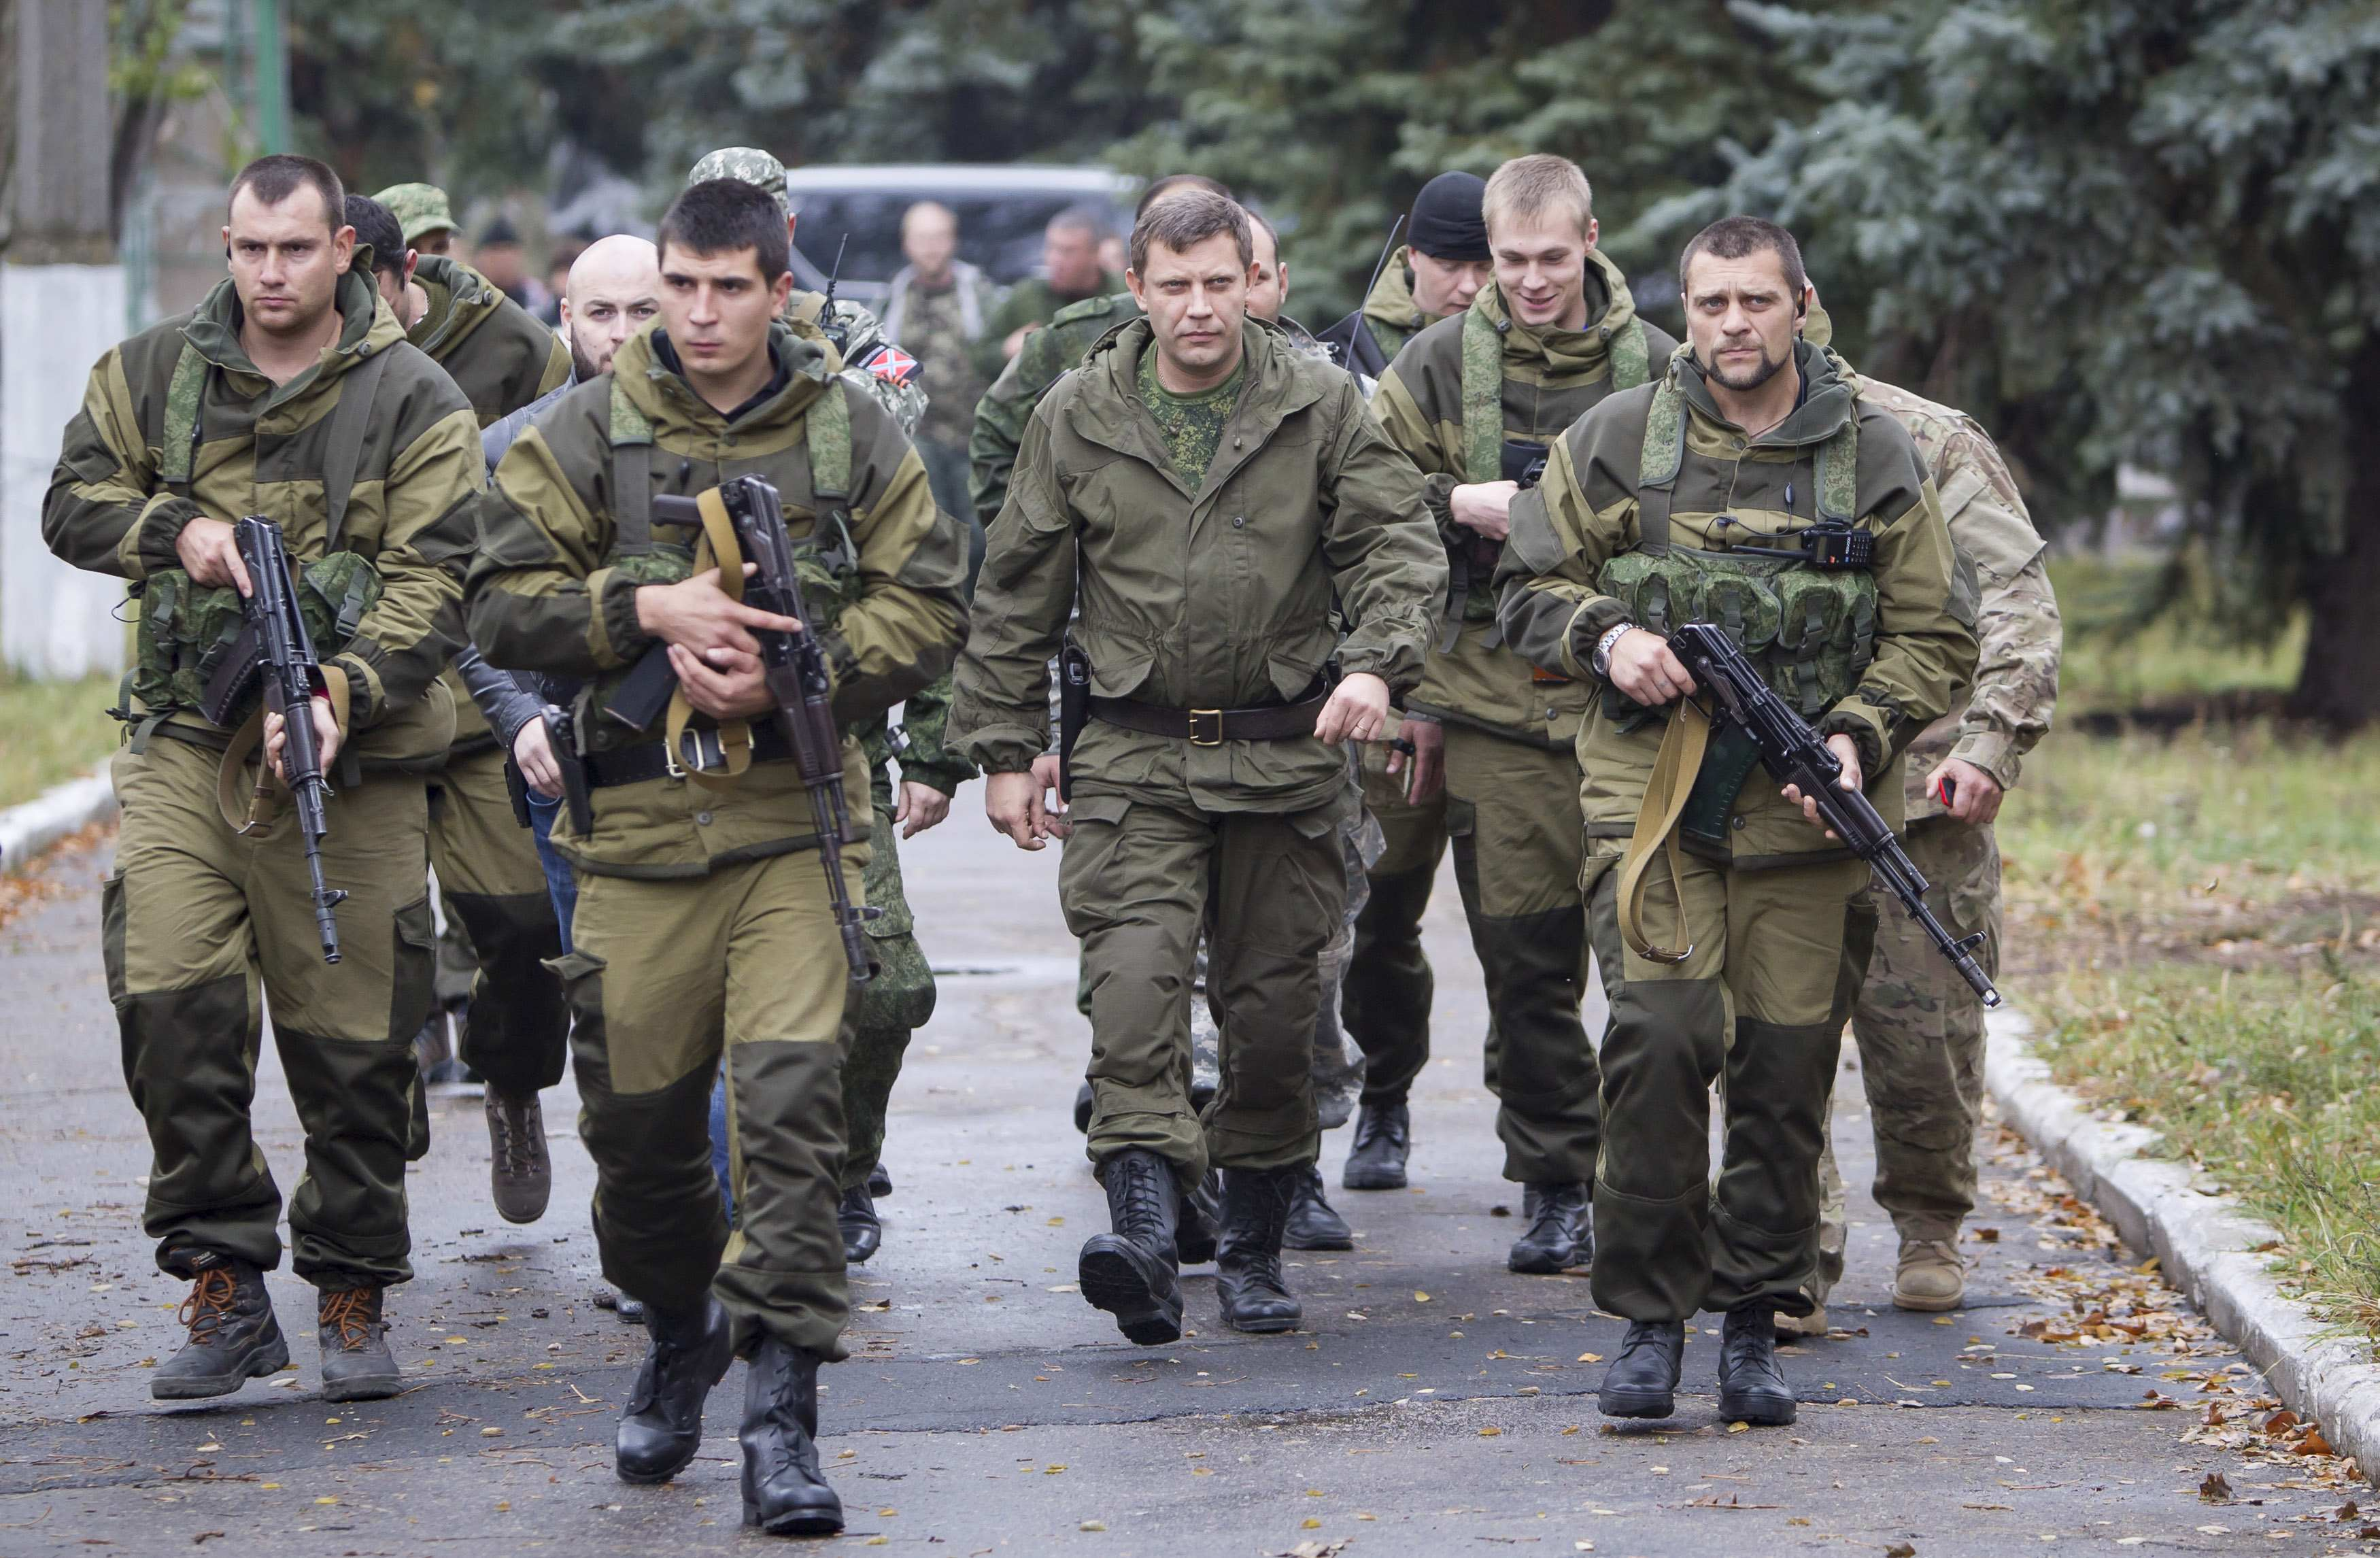 Вскрытая переписка из ДНР: рэкет, грабежи, голод, разборки